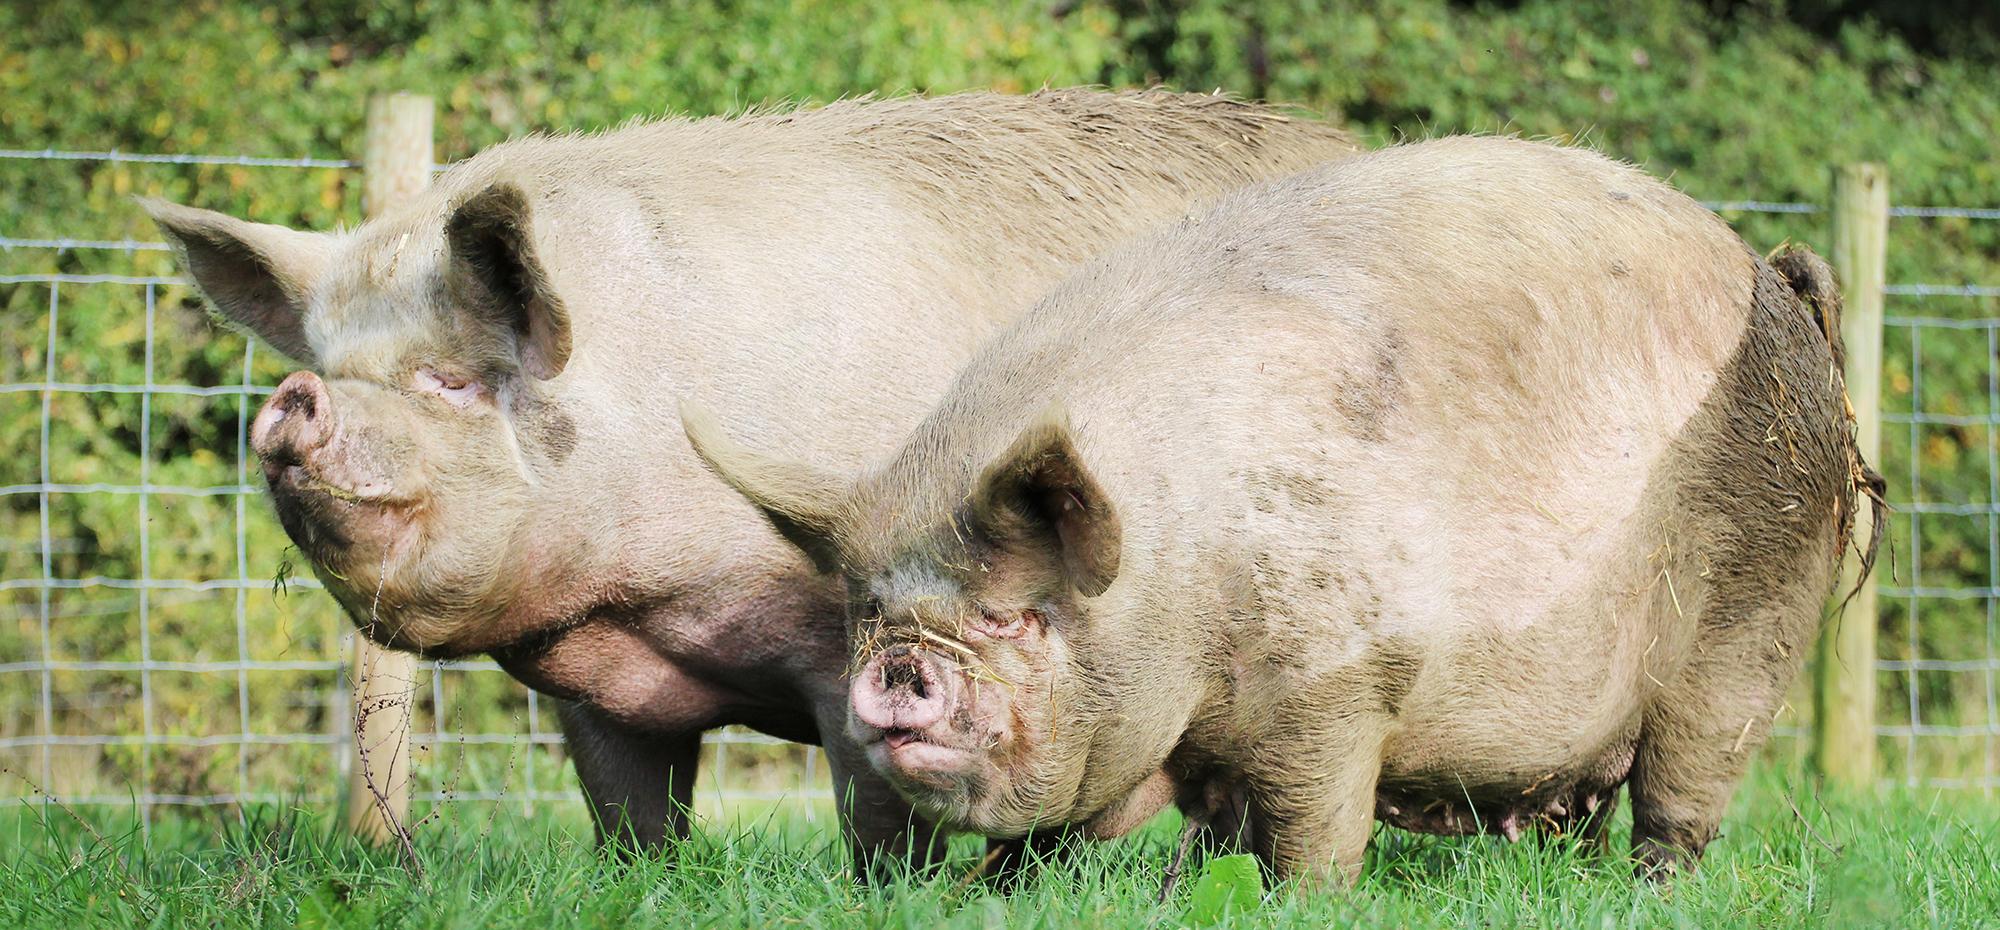 Pig PP-09-17-119